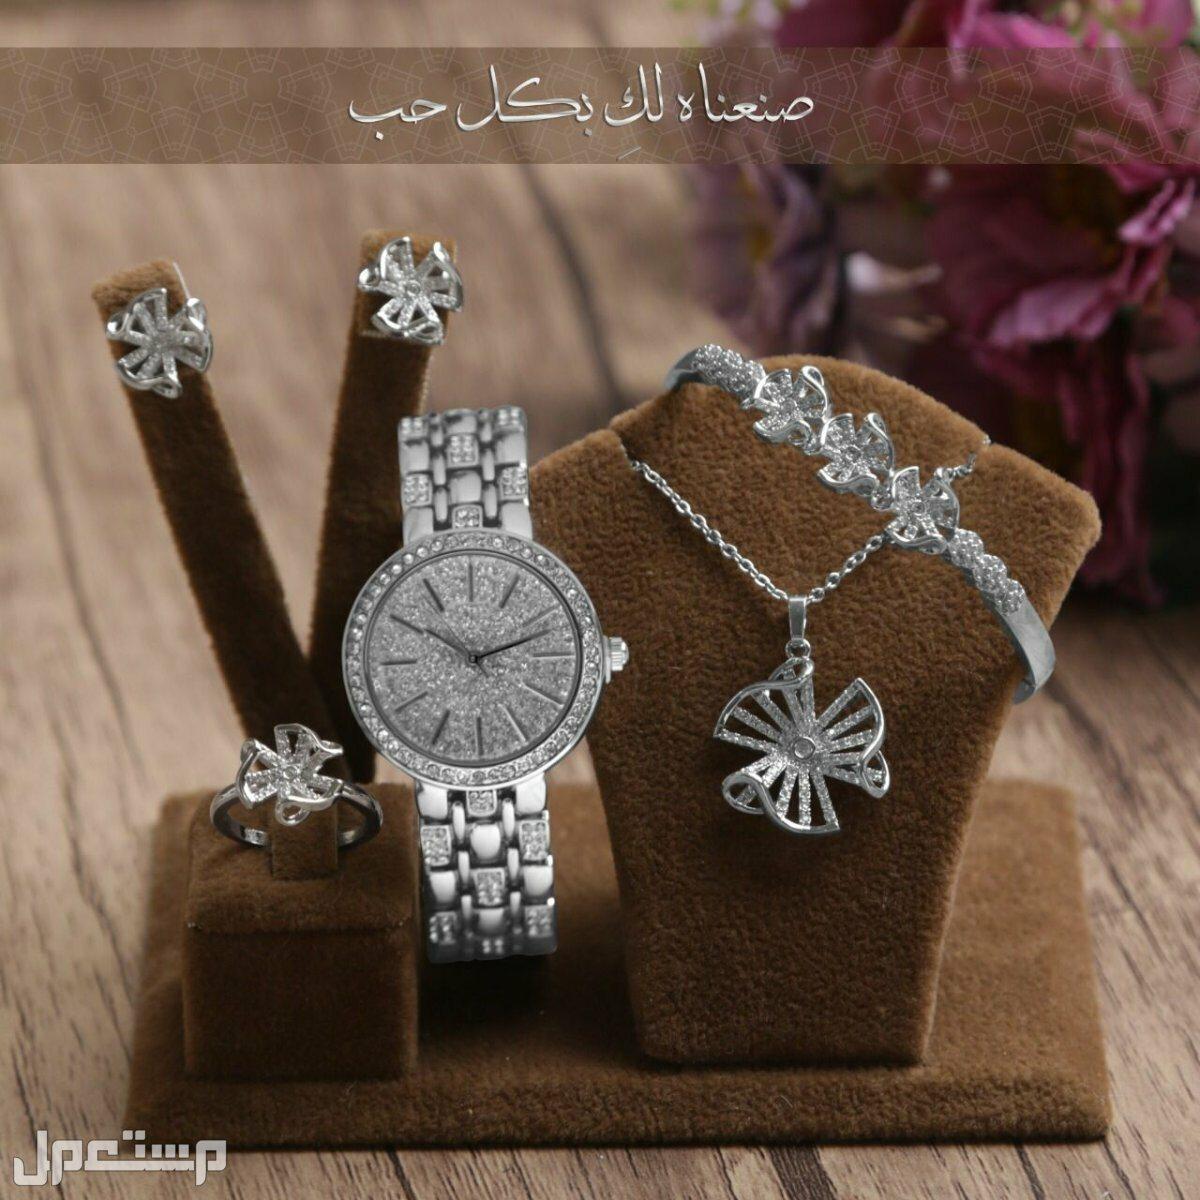 ساعات العروس ❤ طقم اكسسورات نسائية فاخره